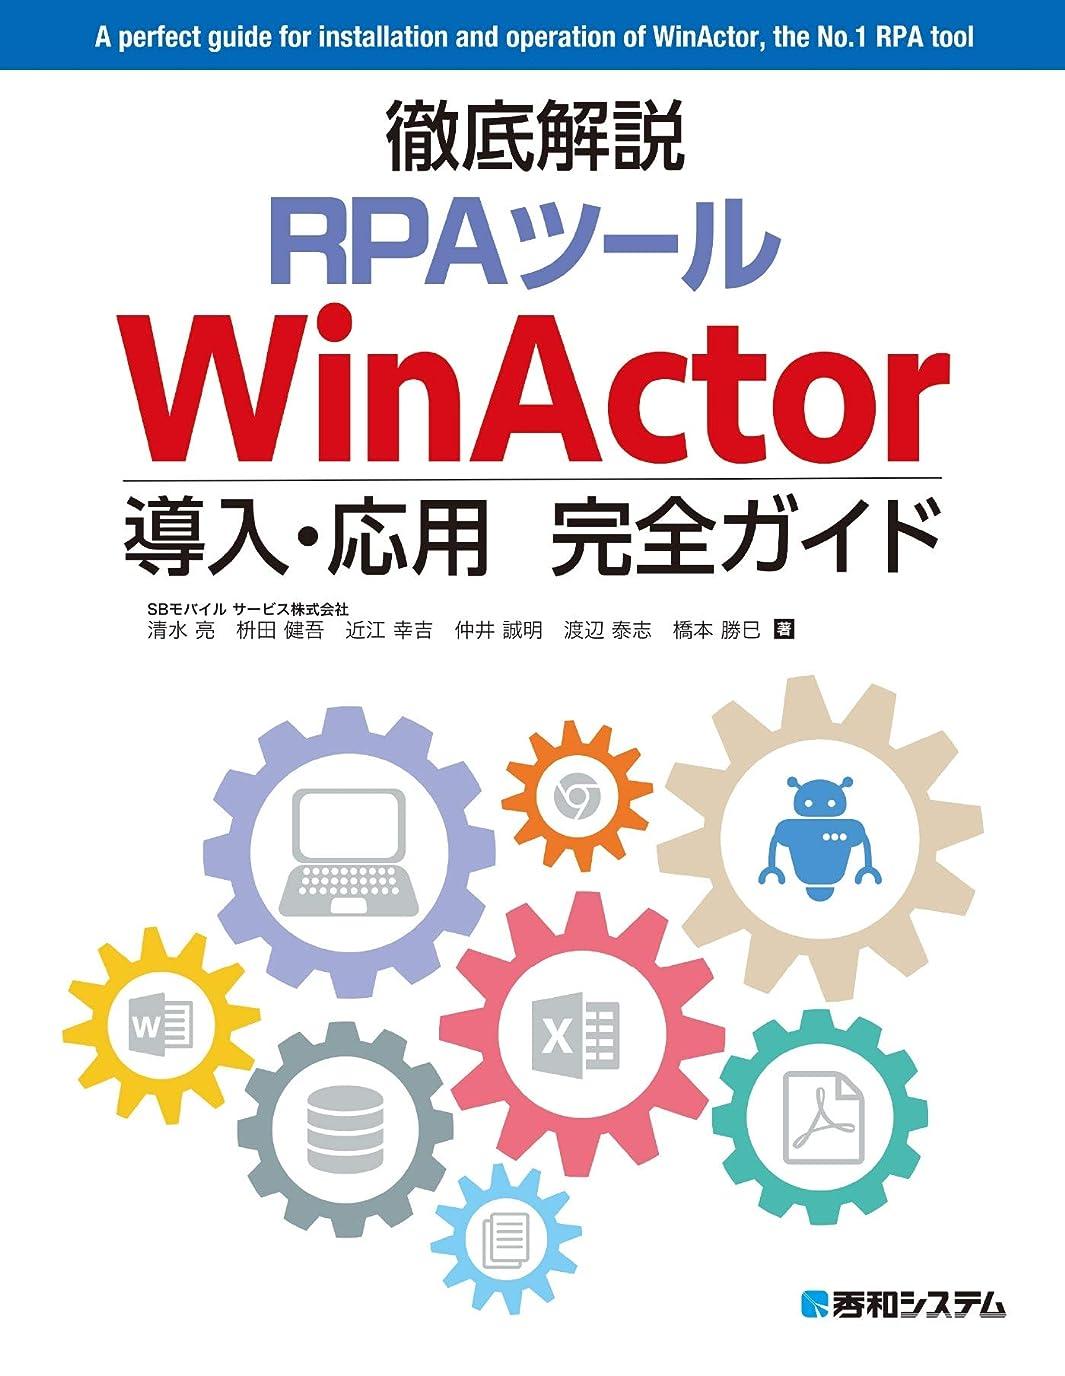 リビジョン指令雇用者徹底解説RPAツール WinActor導入?応用完全ガイド